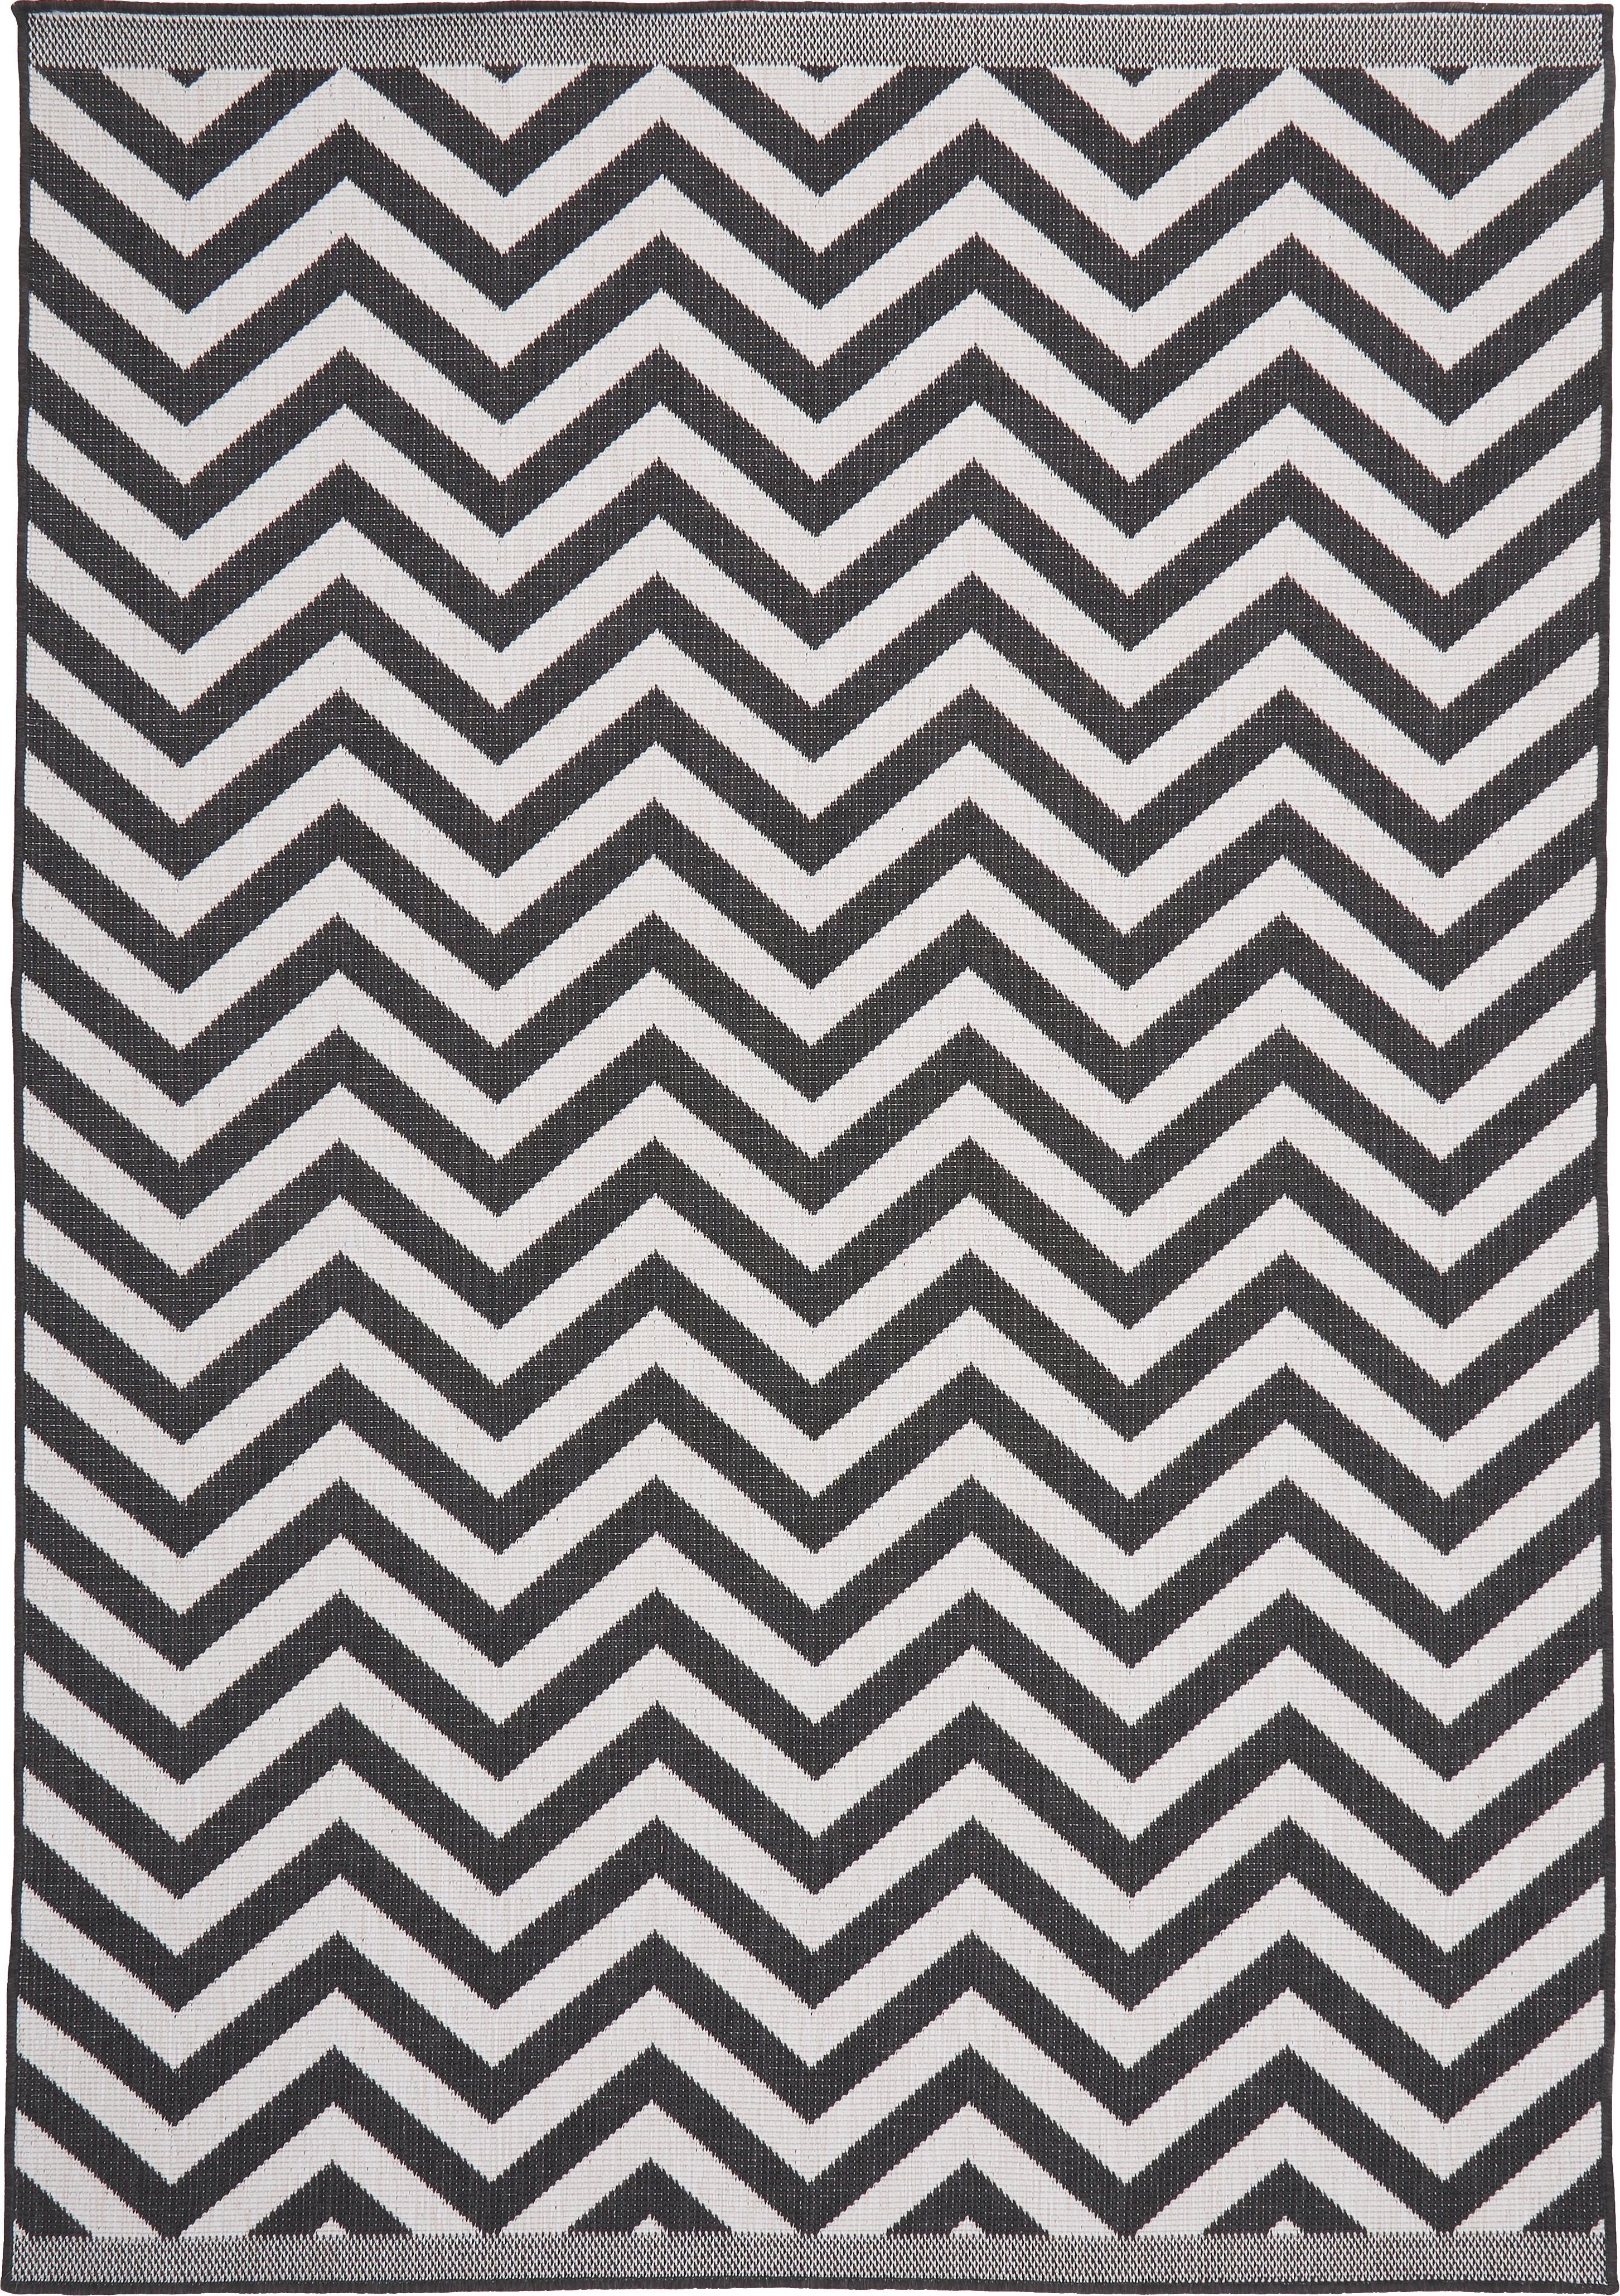 In- & Outdoor-Teppich Palma mit Zickzack-Muster, beidseitig verwendbar, Schwarz, Creme, B 160 x L 230 cm (Größe M)